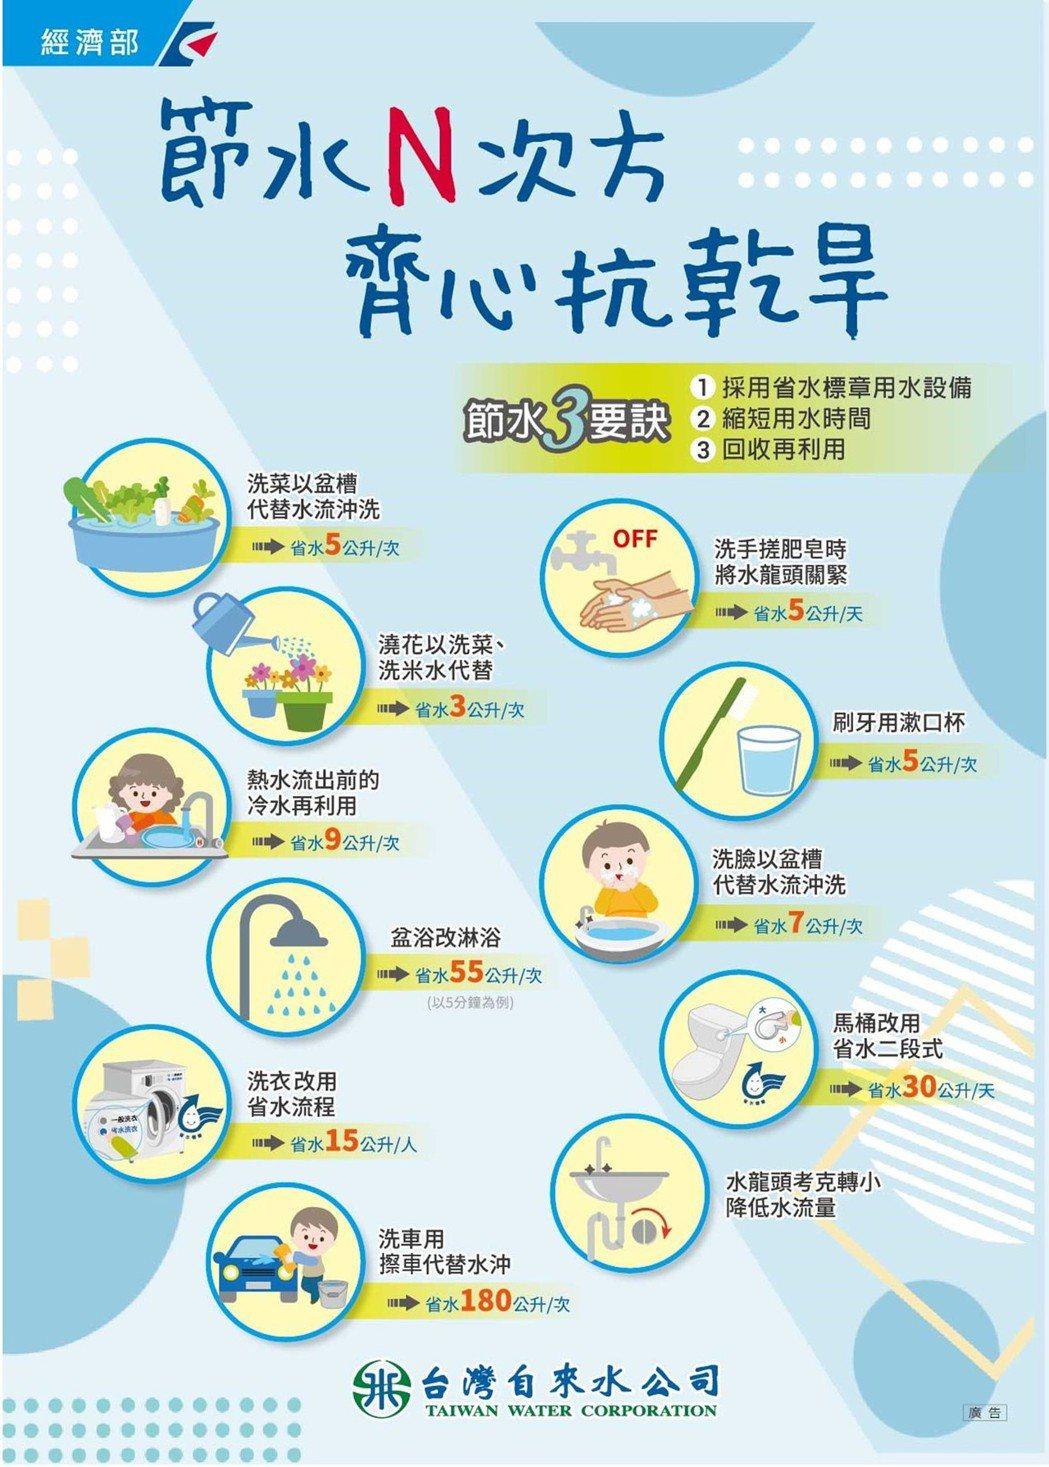 旱災來臨,用水得要更謹慎。台灣自來水公司就在網站上公布「節水懶人包」教導民眾如何...